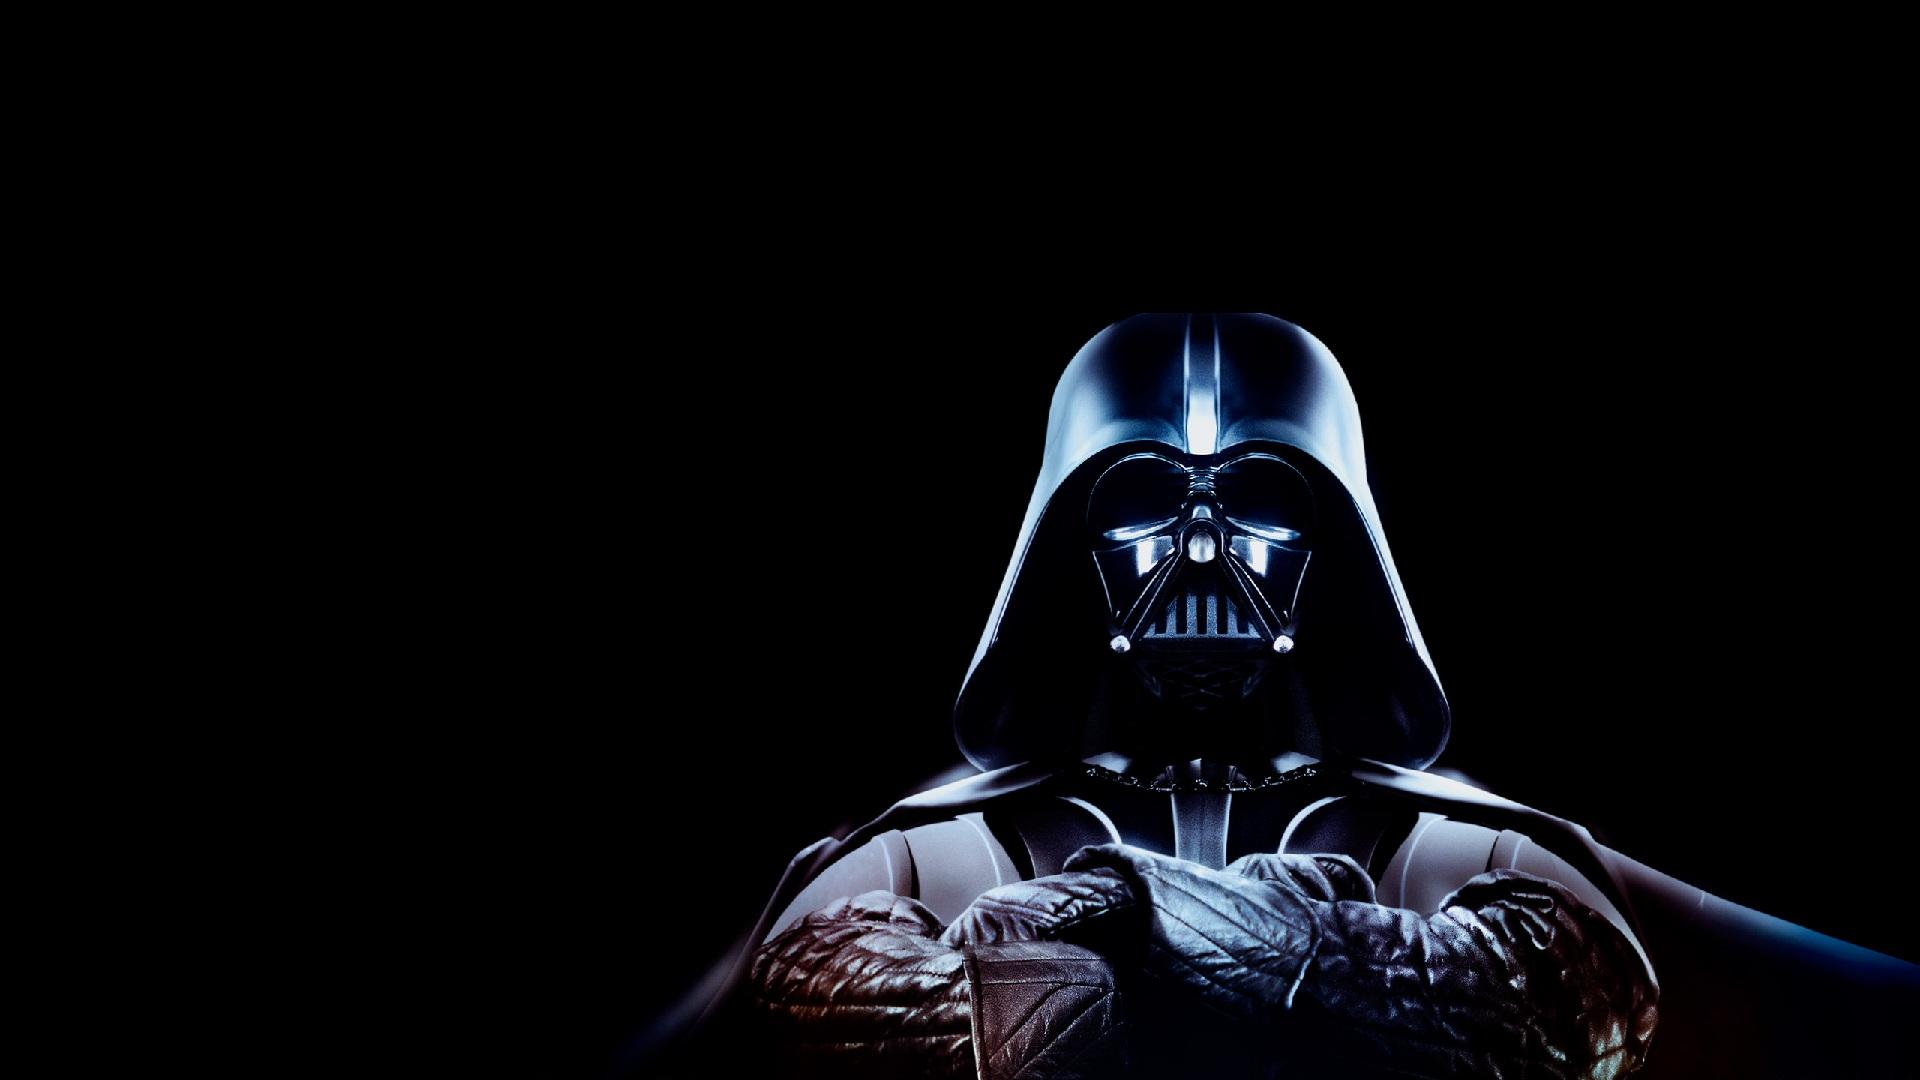 Star Wars Wallpaper 1920x1080 Star Wars Movies Darth Vader Black 1920x1080